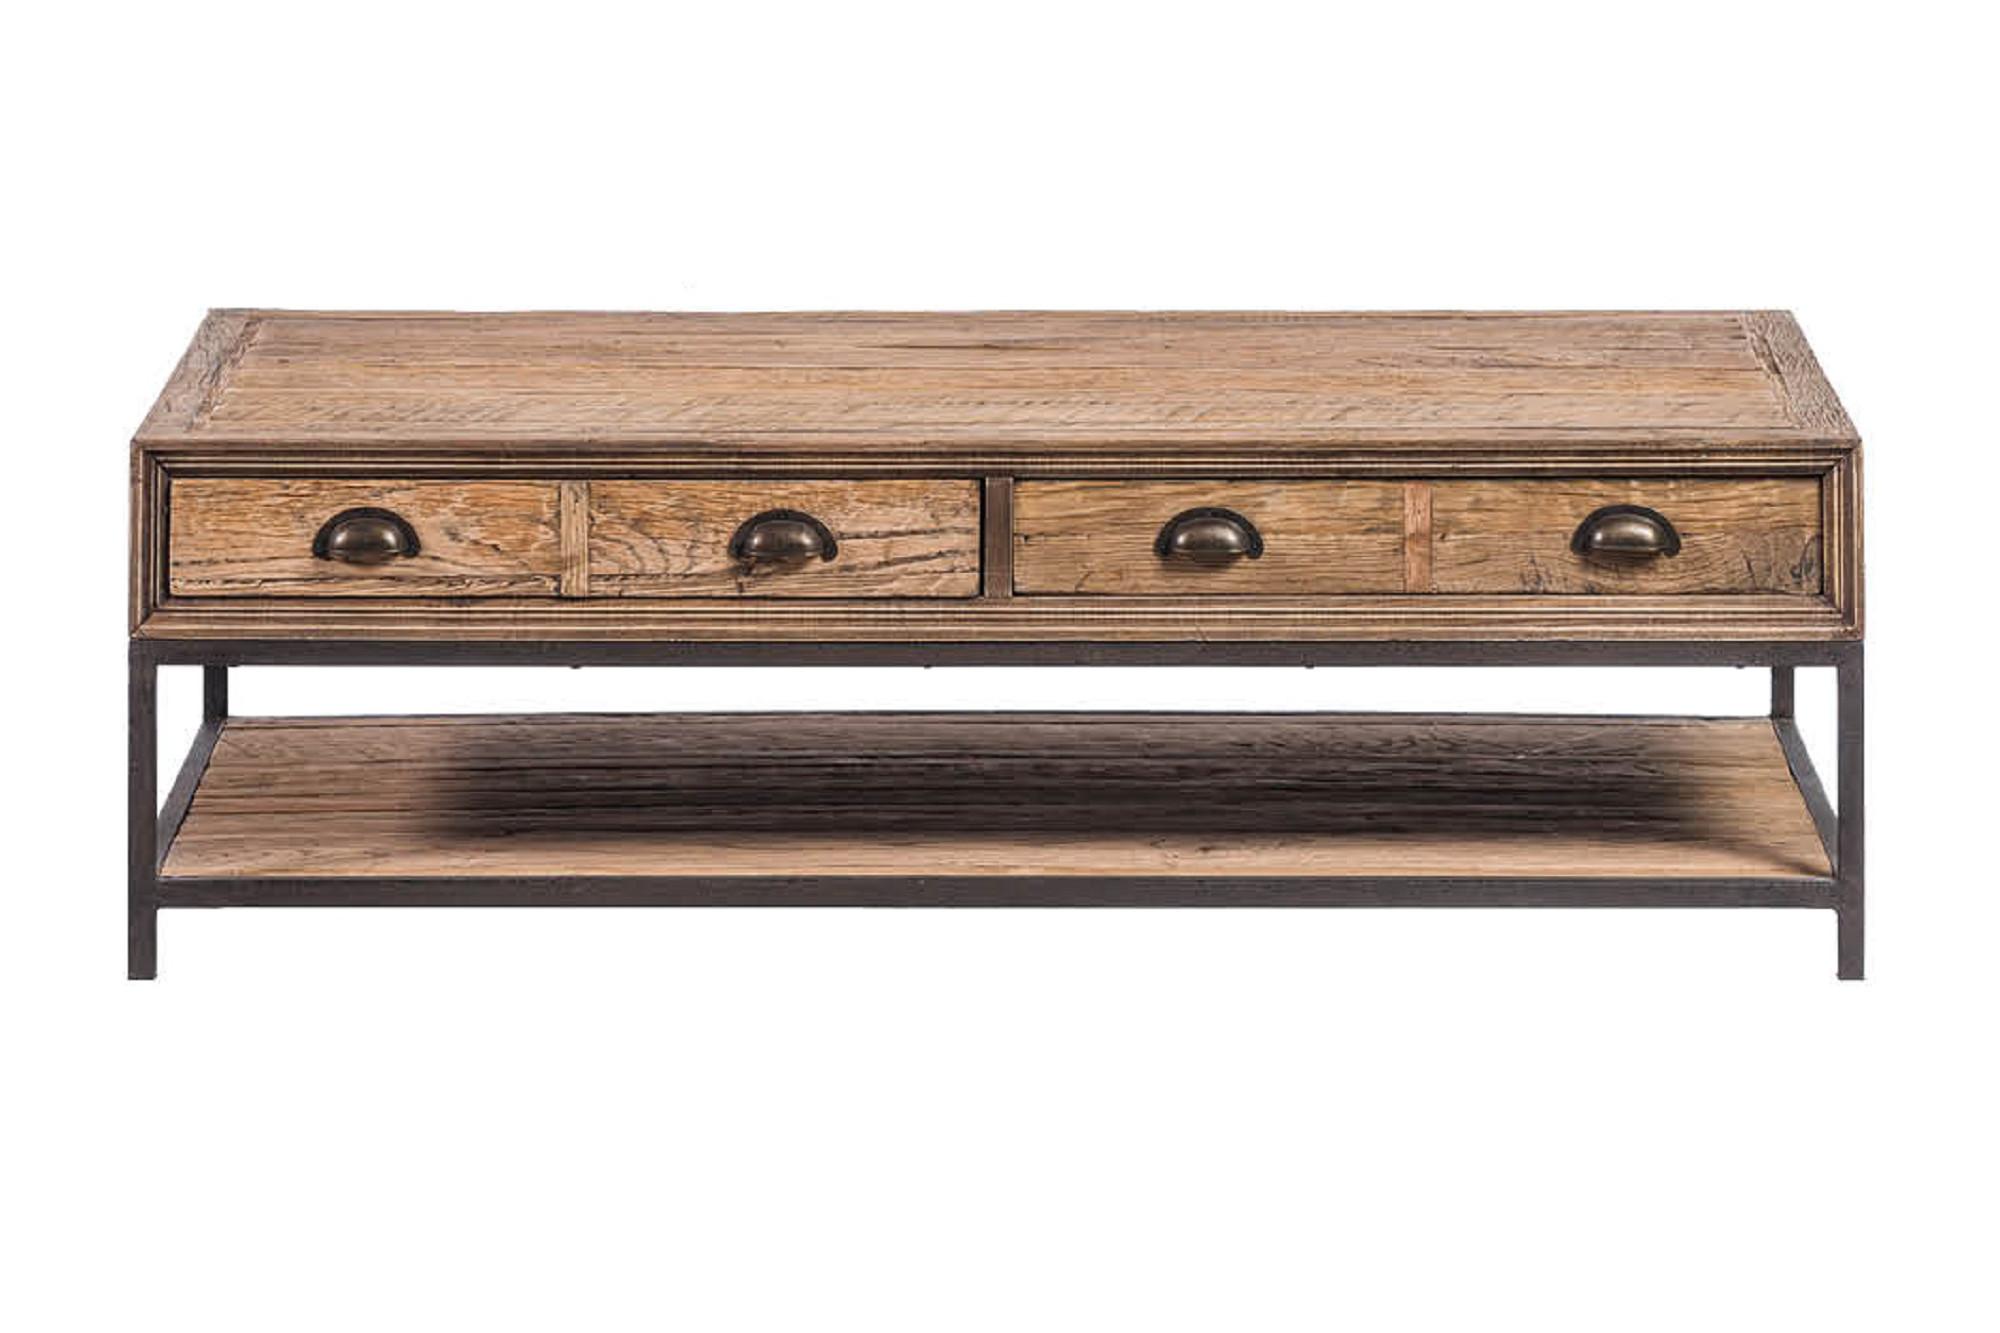 Table de salon en chêne recyclé finition cirée - Hellin